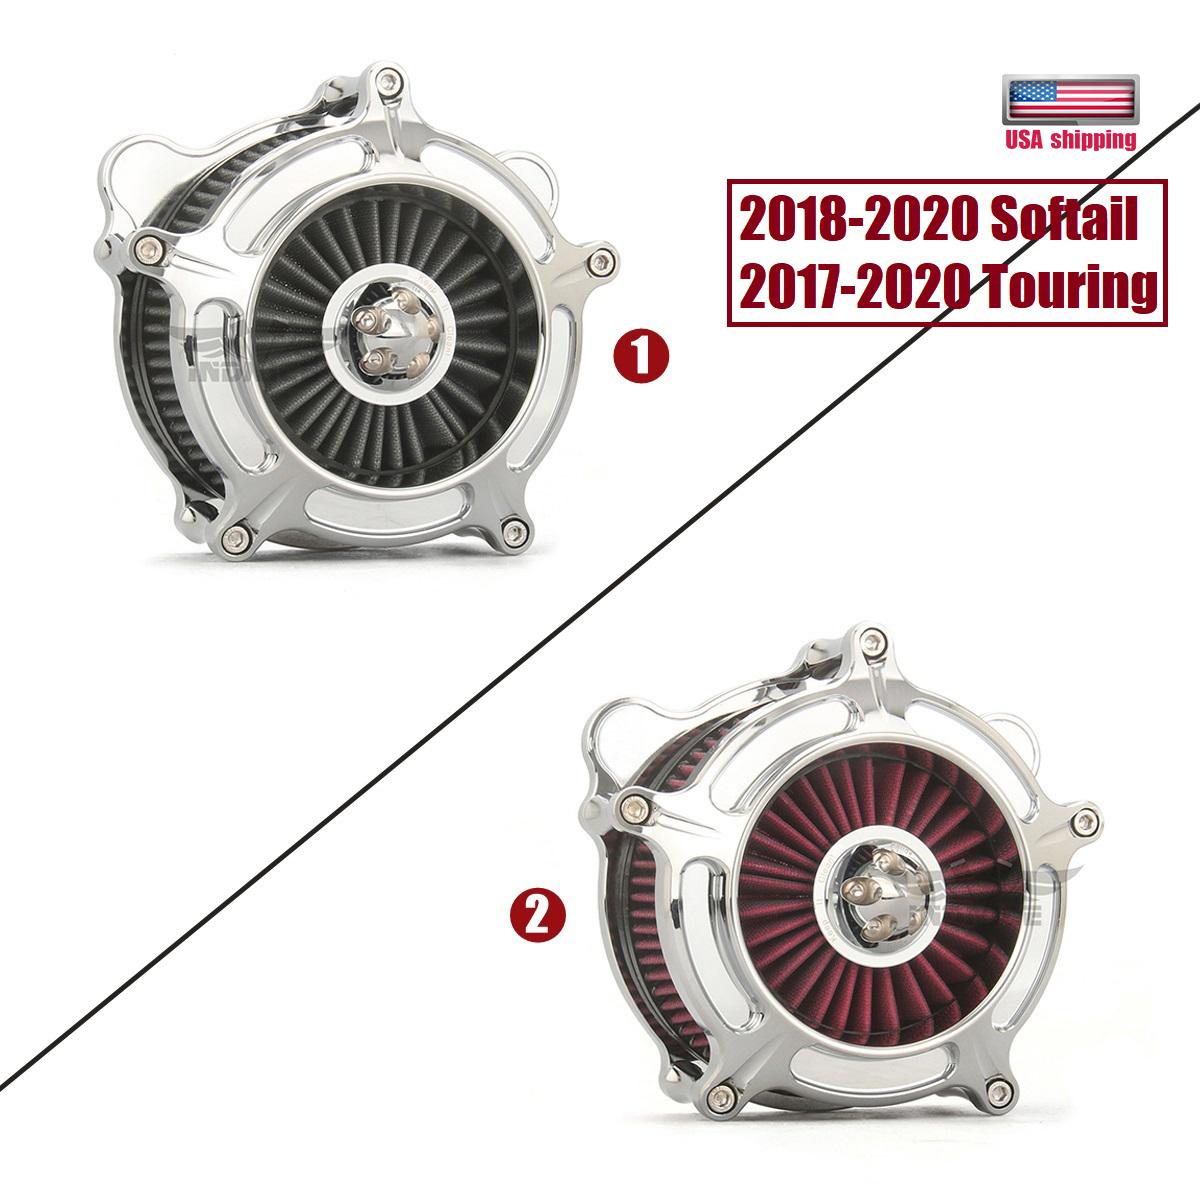 softail air cleaner 2018-2019 Spike turbine air cleaner kits for harley touring FLHR FLHRXS FLHTCU FLHTK FLHX FLTRU FLTRX 2017-2019